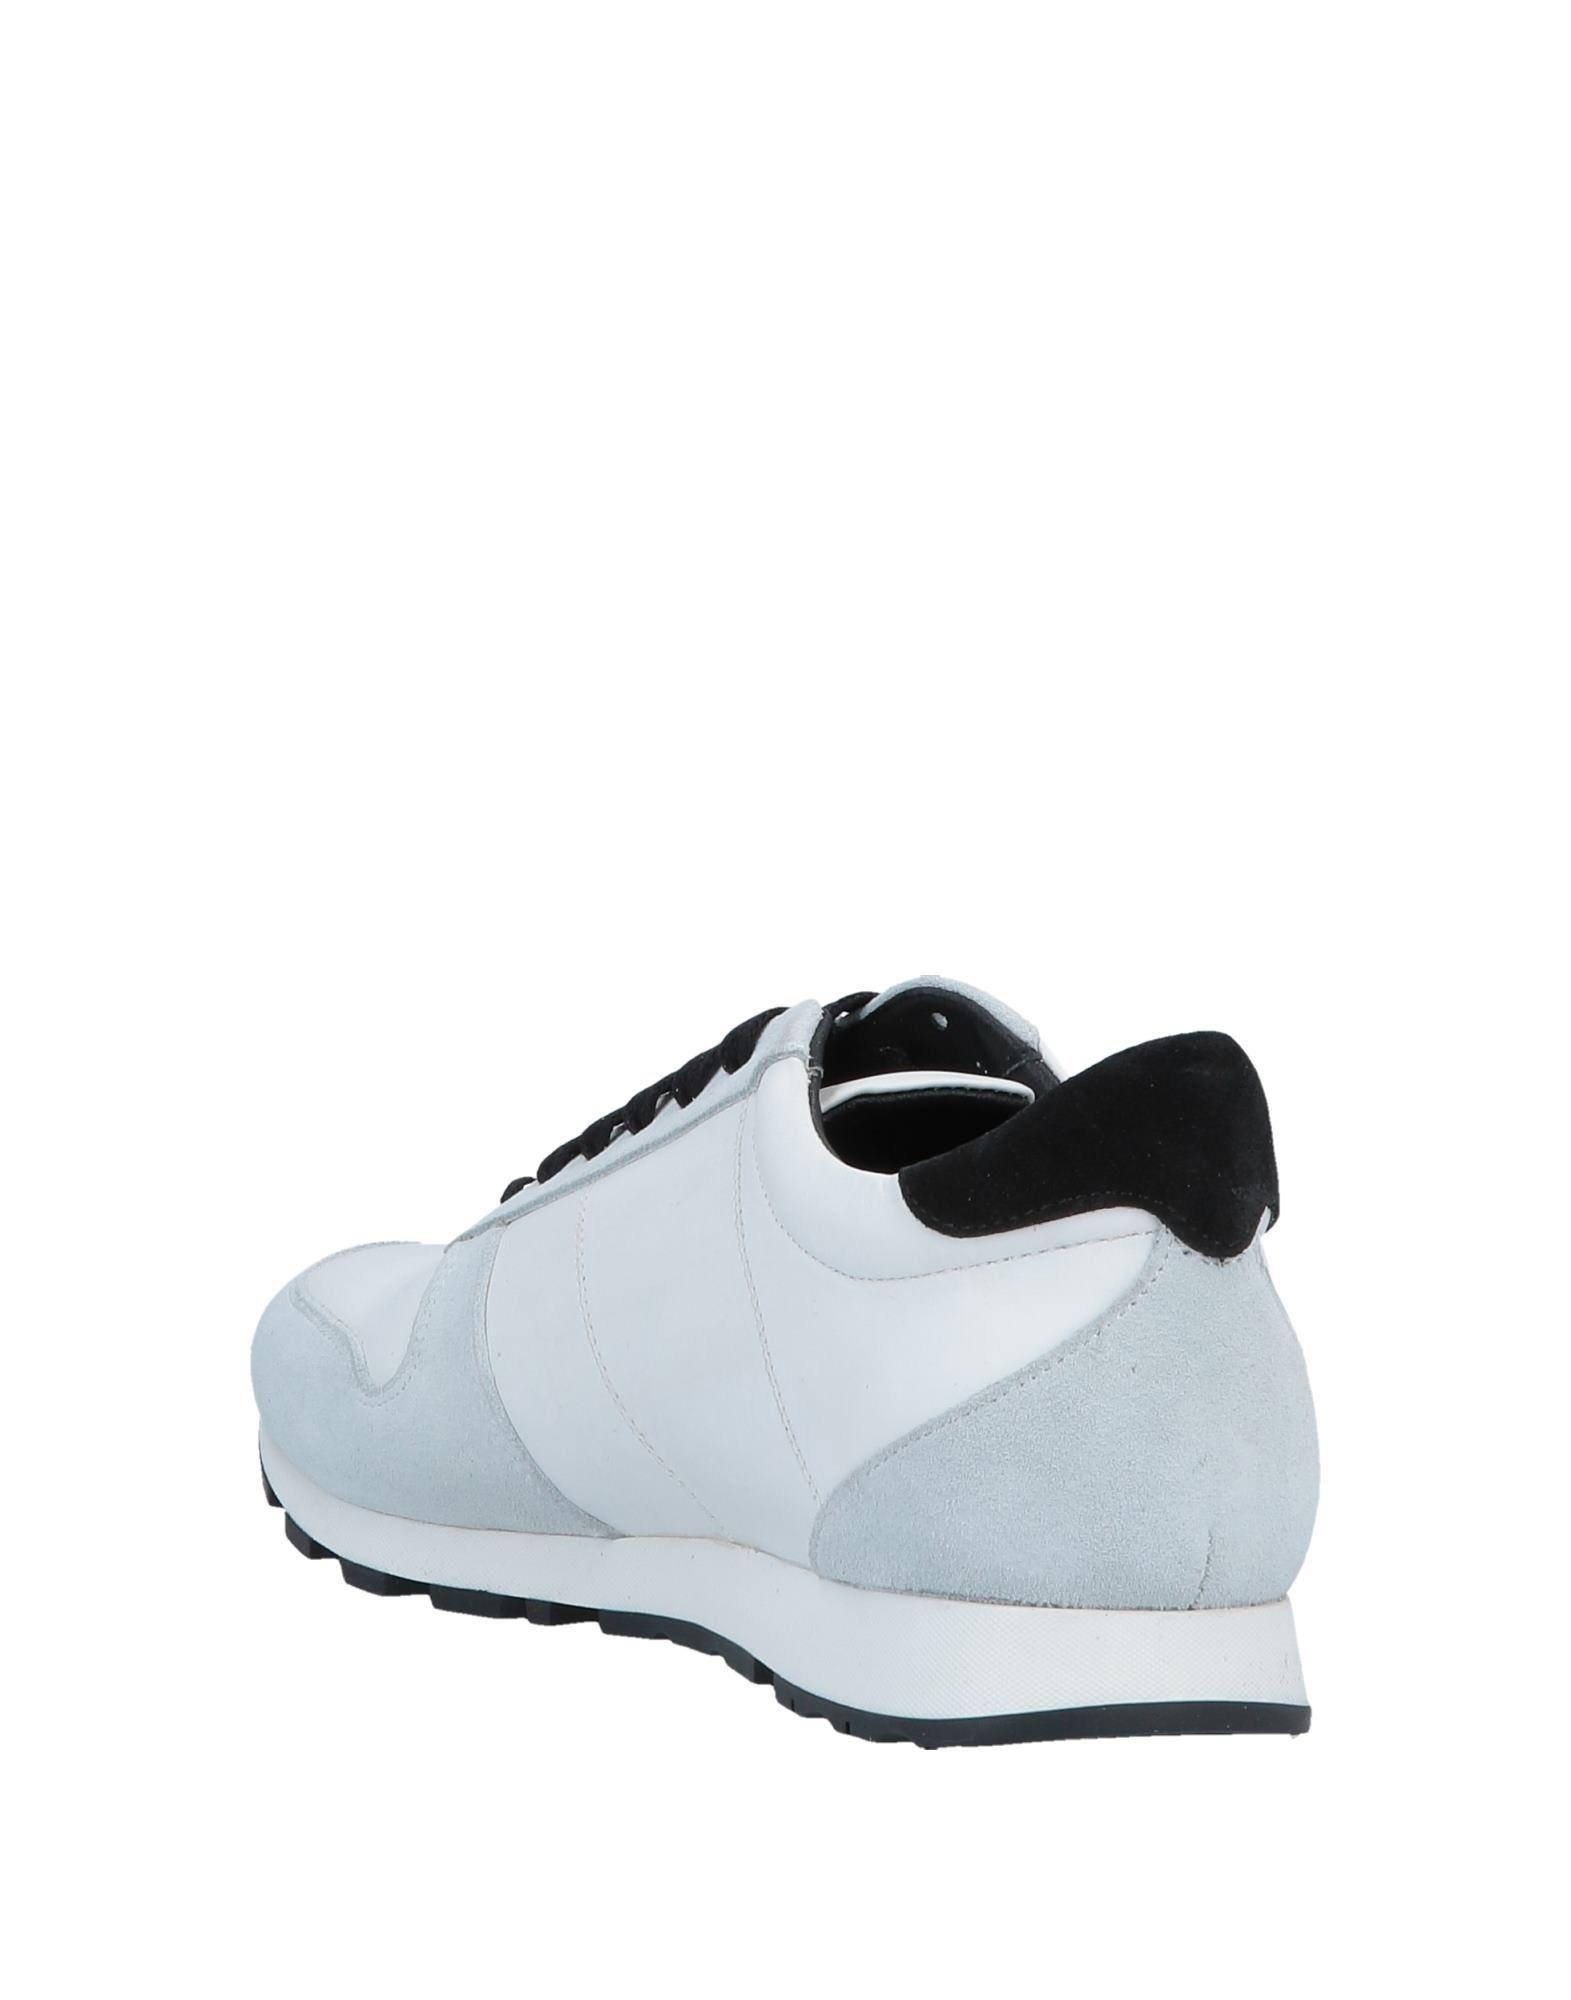 Calvin Klein Collection Sneakers - Men Calvin Klein Collection Sneakers - online on  Canada - Sneakers 11540160GQ b32775